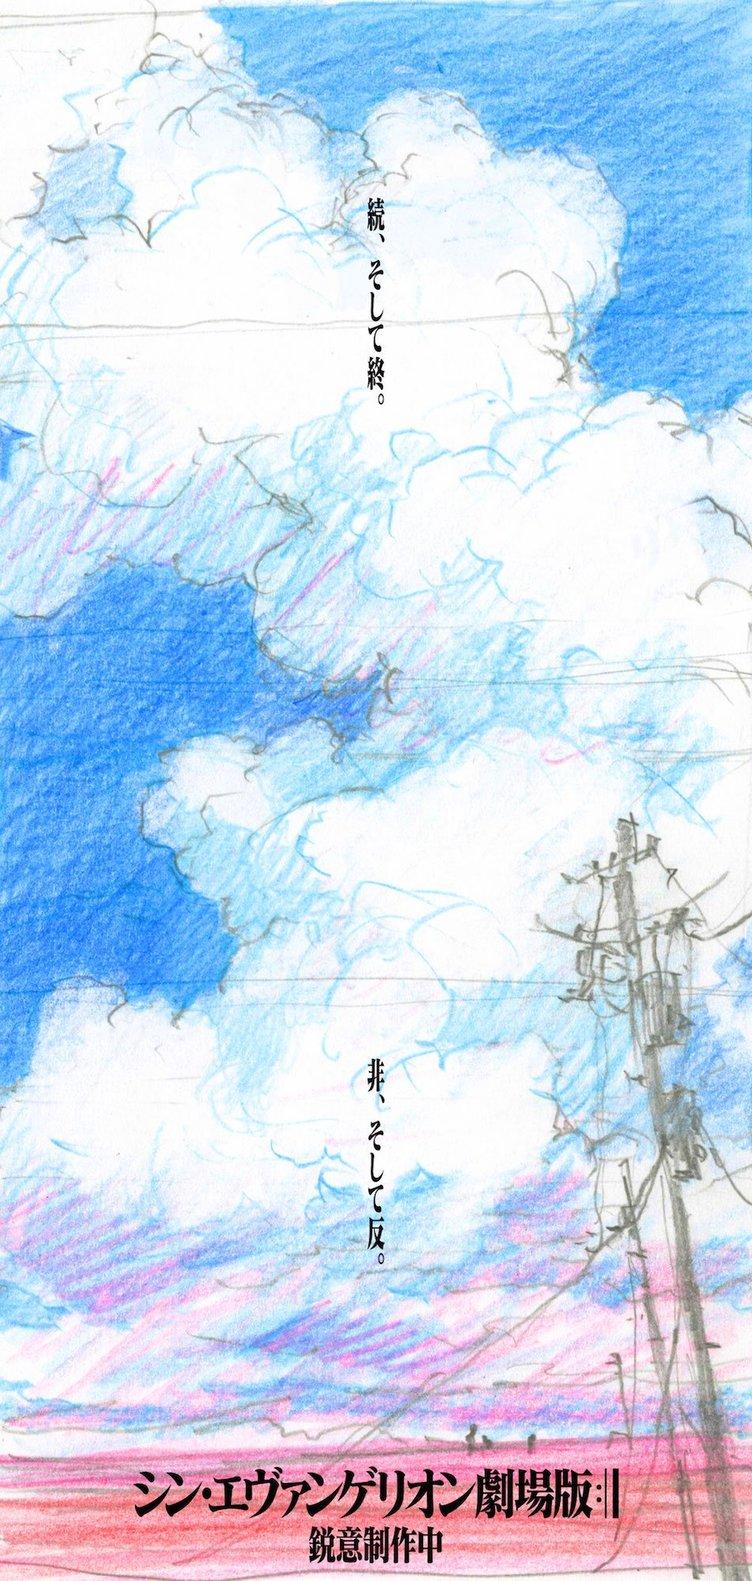 シン・エヴァンゲリオン劇場版:  』映画館で特報がゲリラ解禁 2020年公開へ - KAI-YOU.net